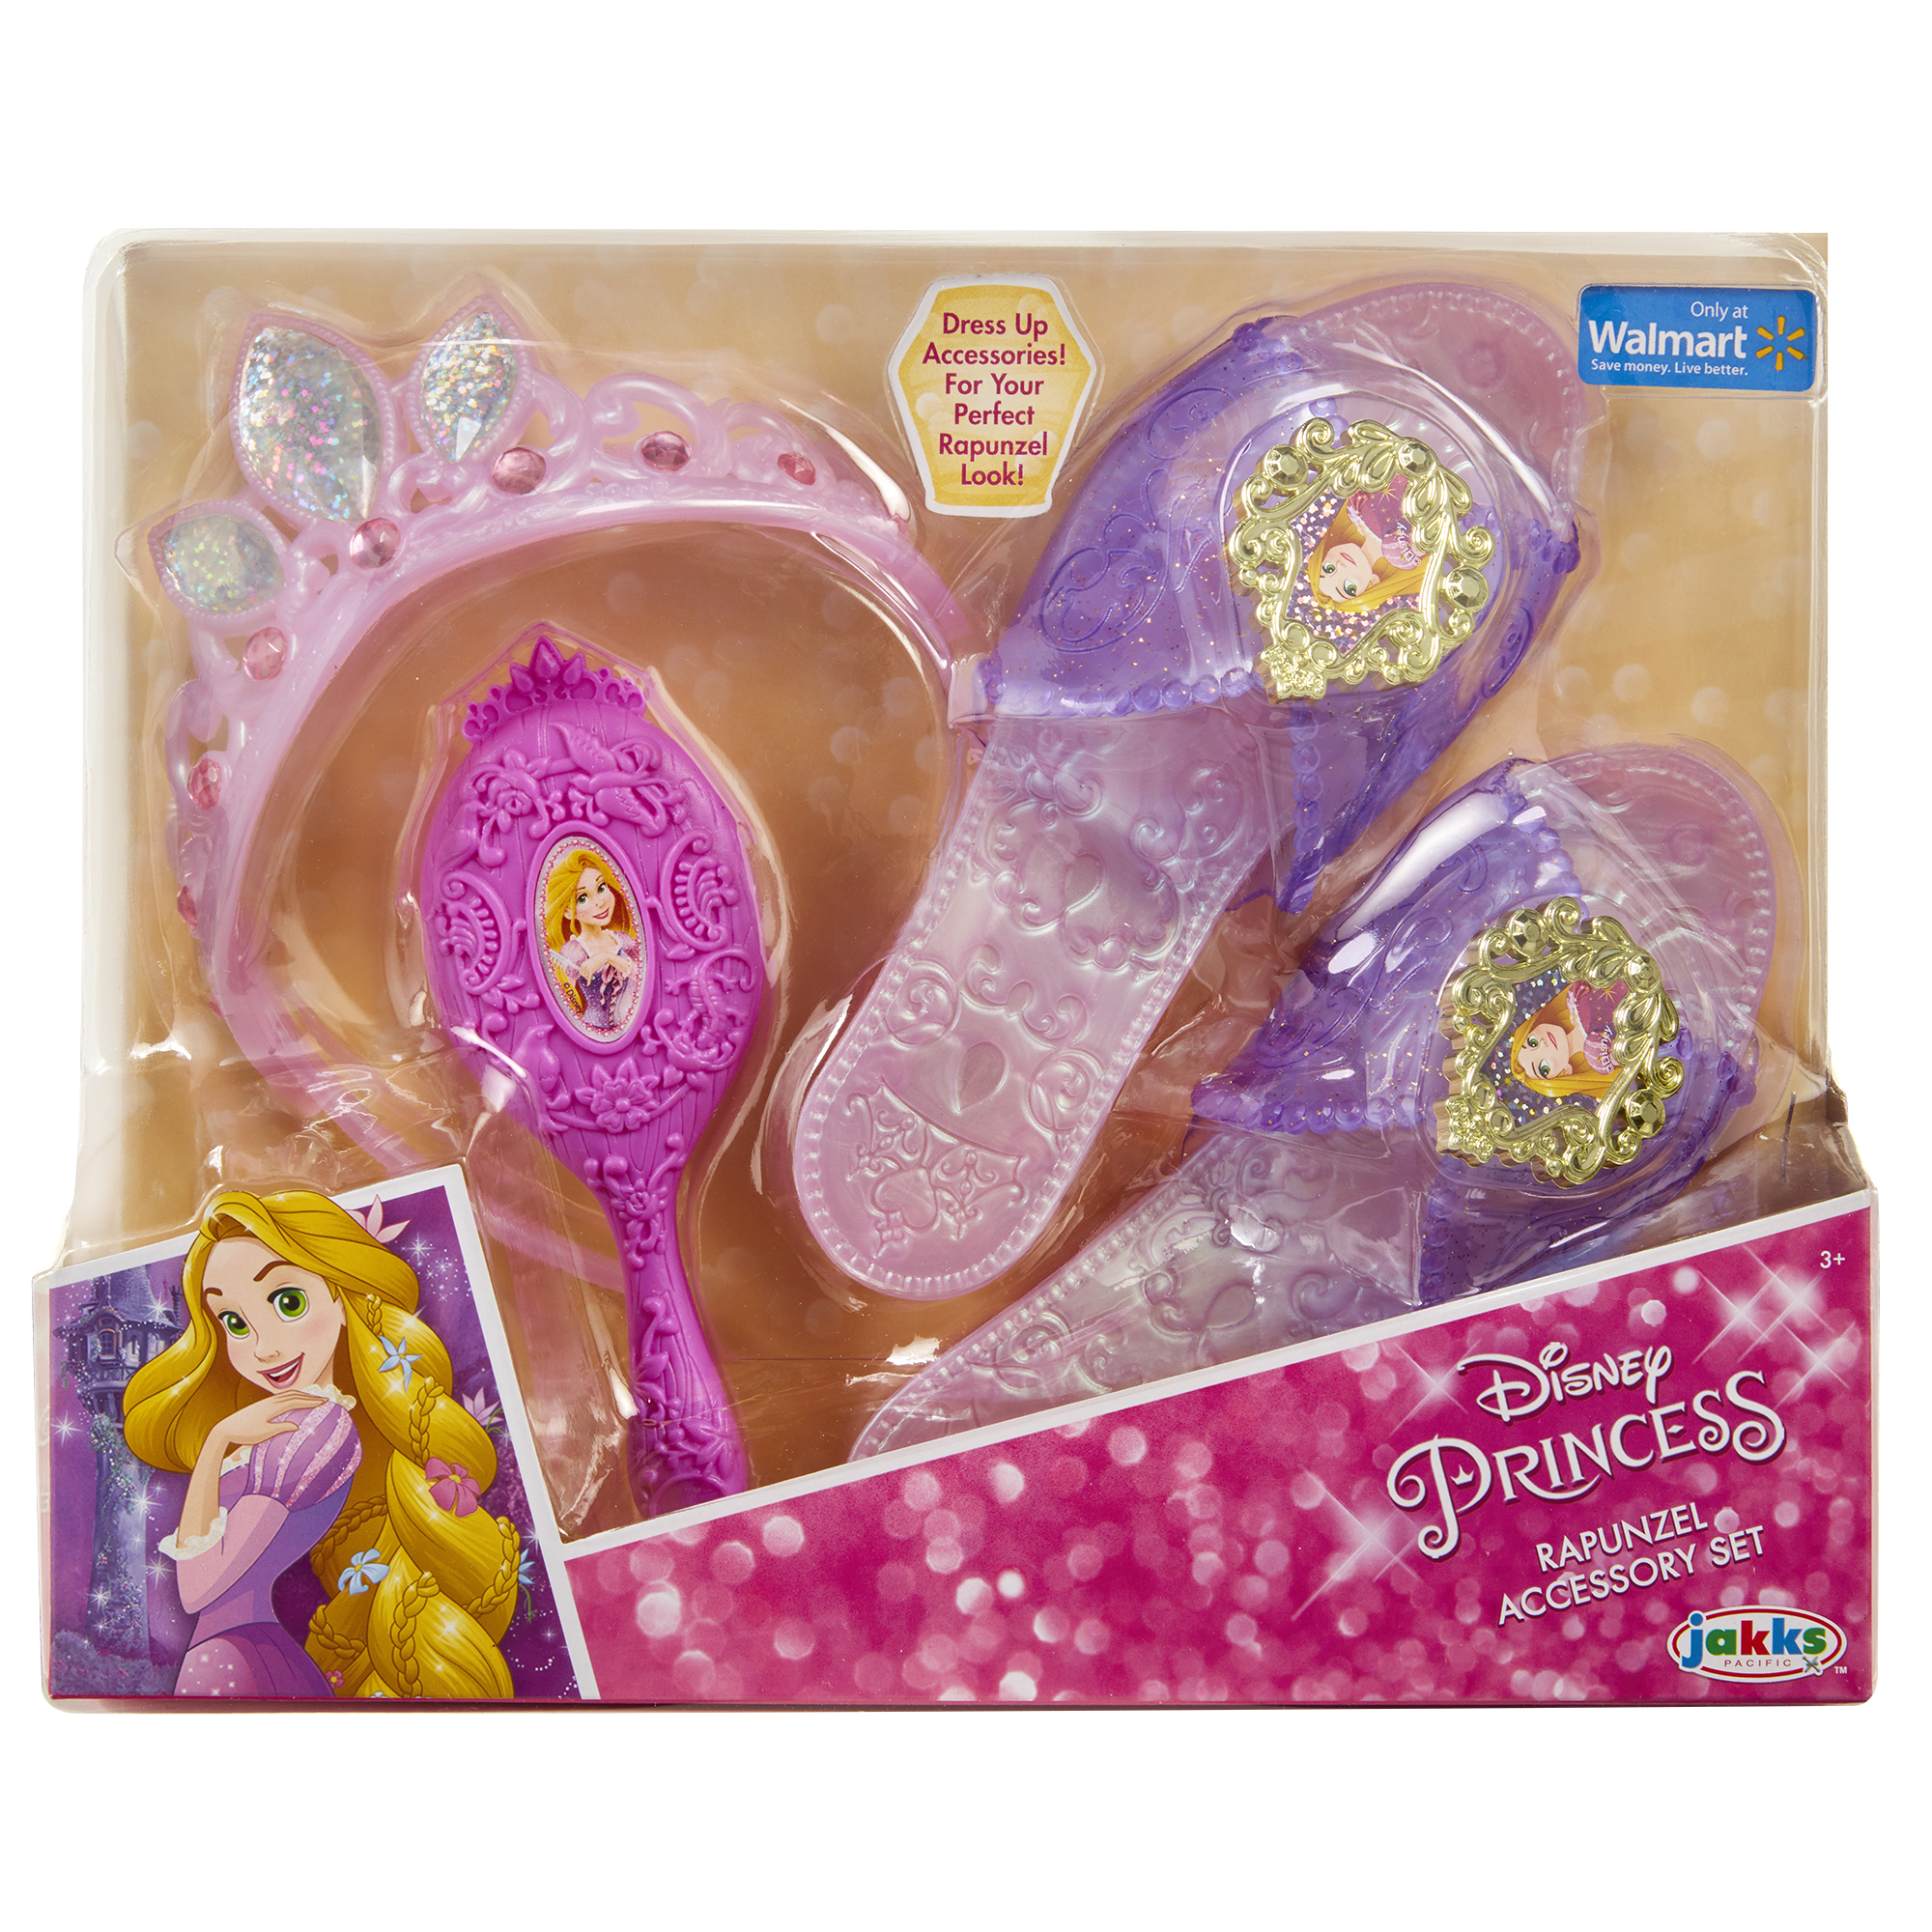 Disney Princess Rapunzel Deluxe Accessory Set by Jakks Pacific